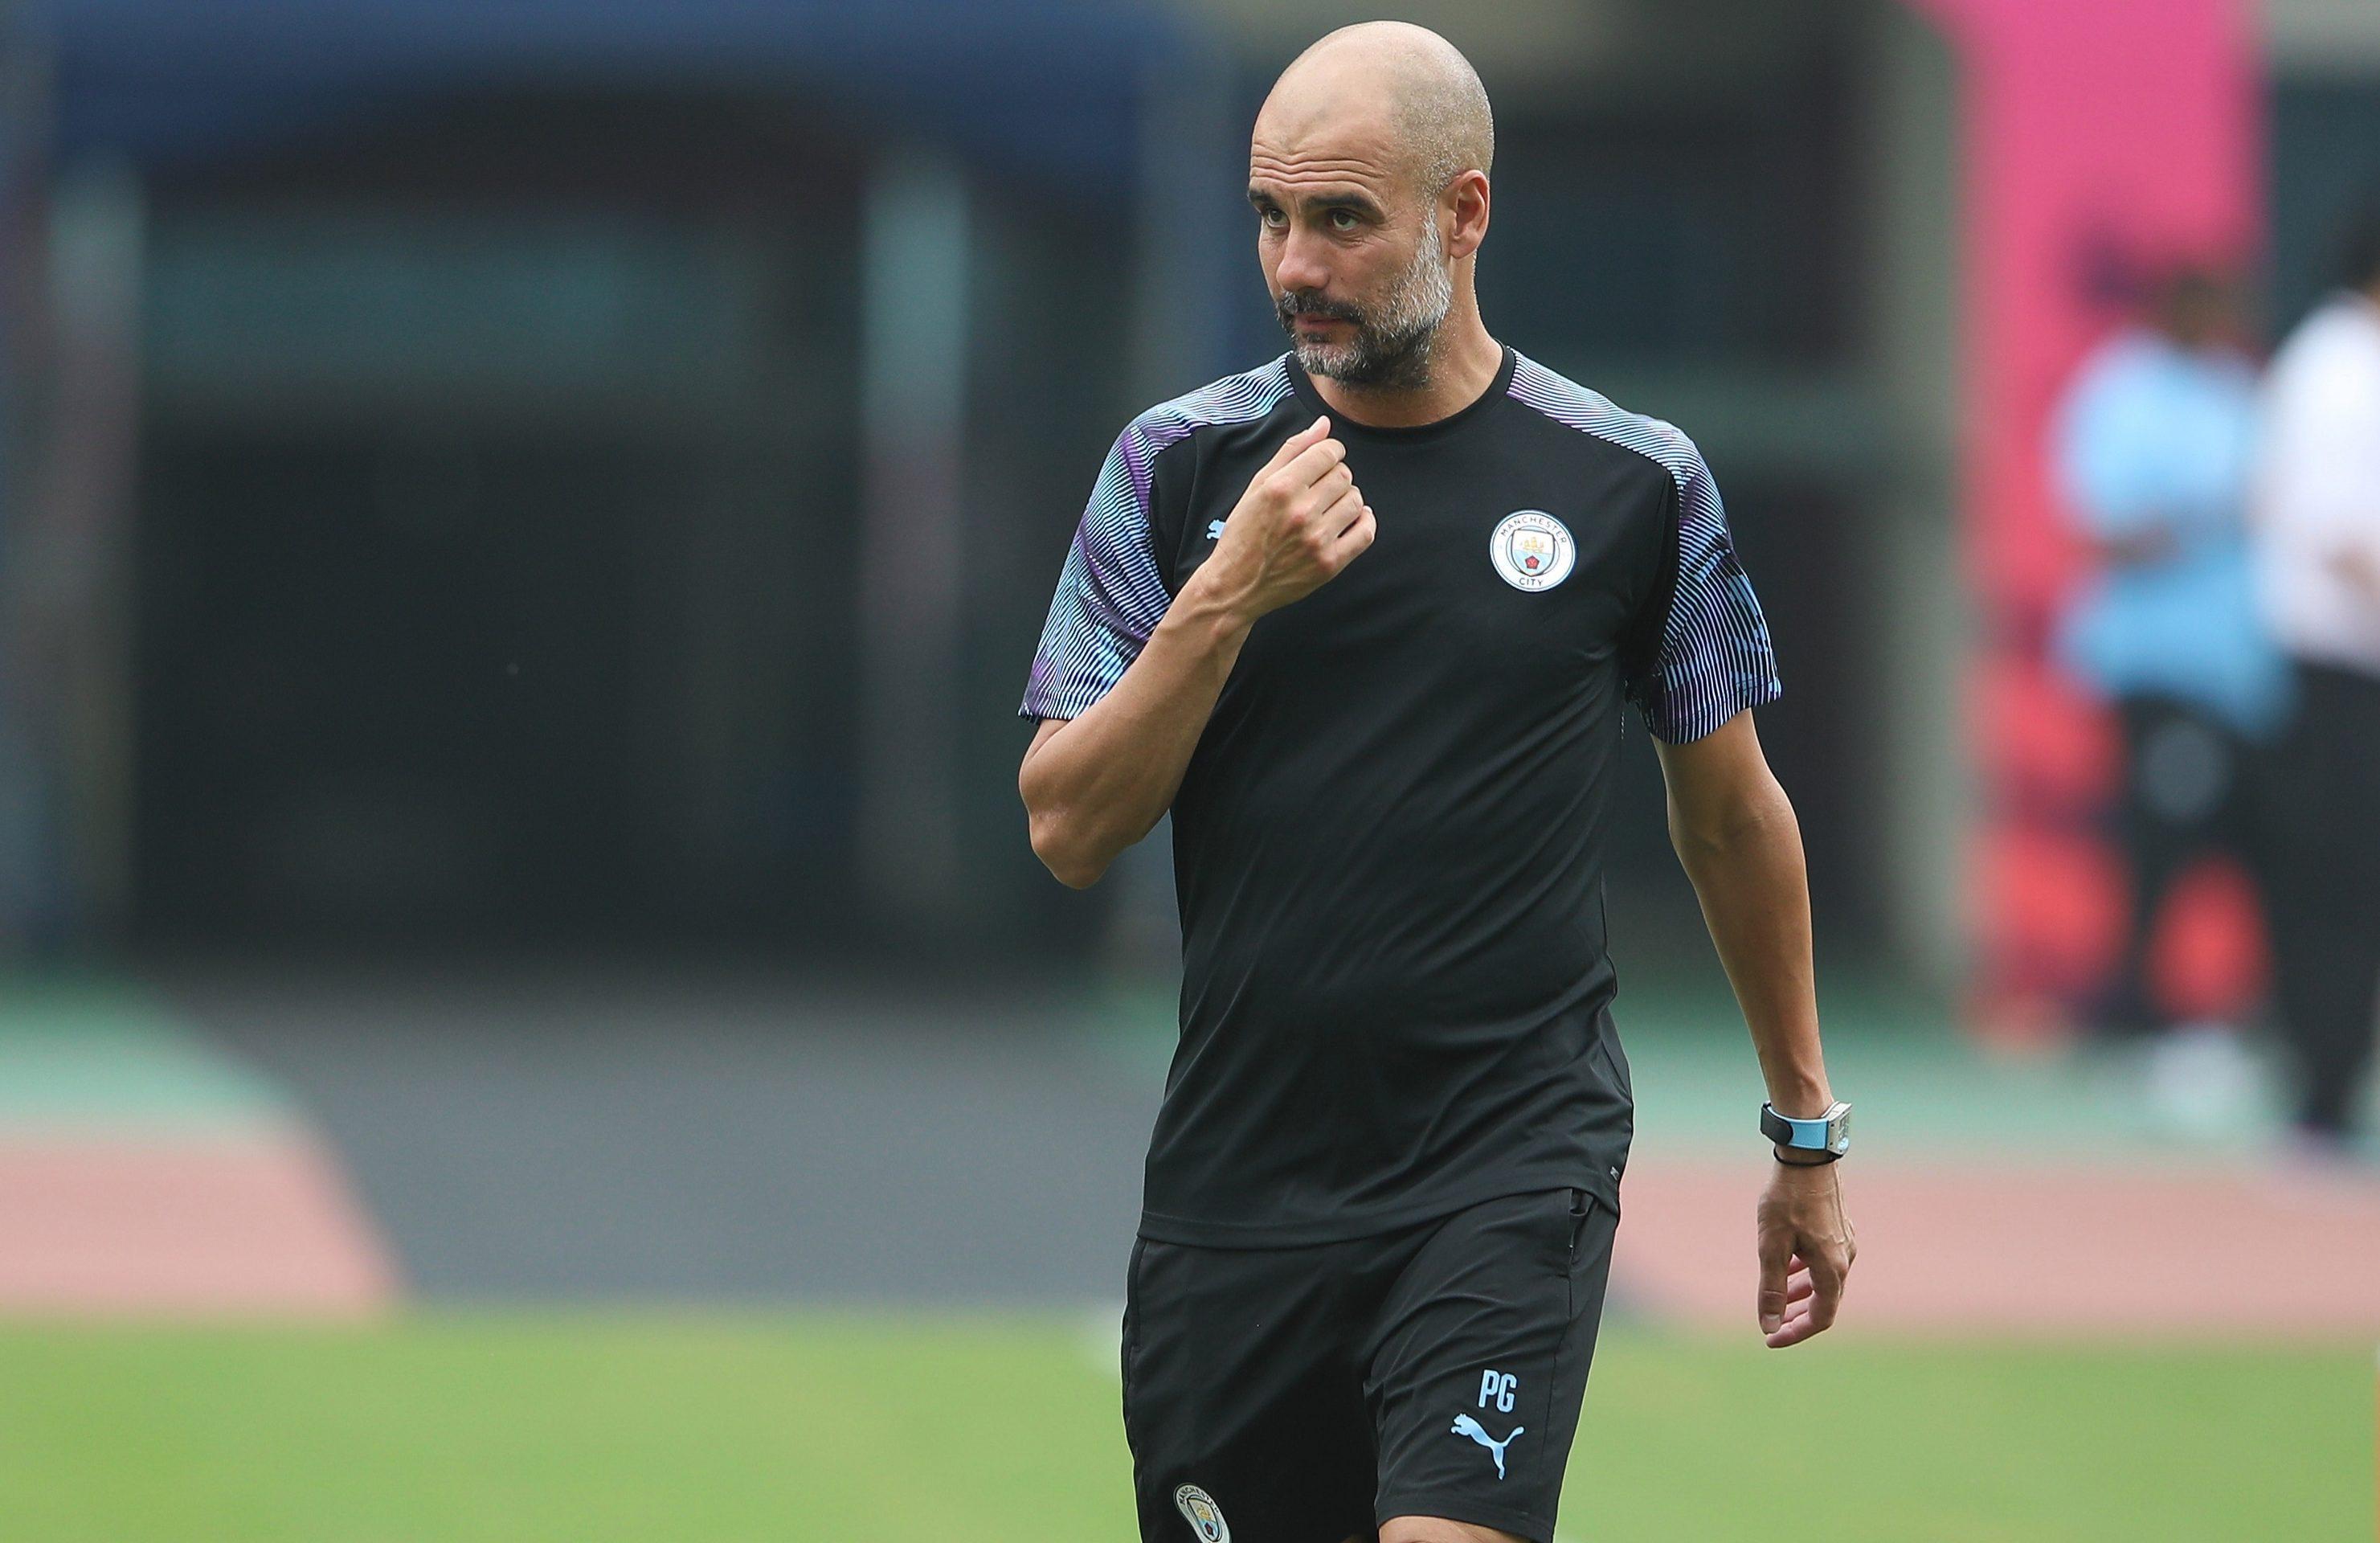 Pep Guardiola's Man City take on Kitchee in a pre-season friendly